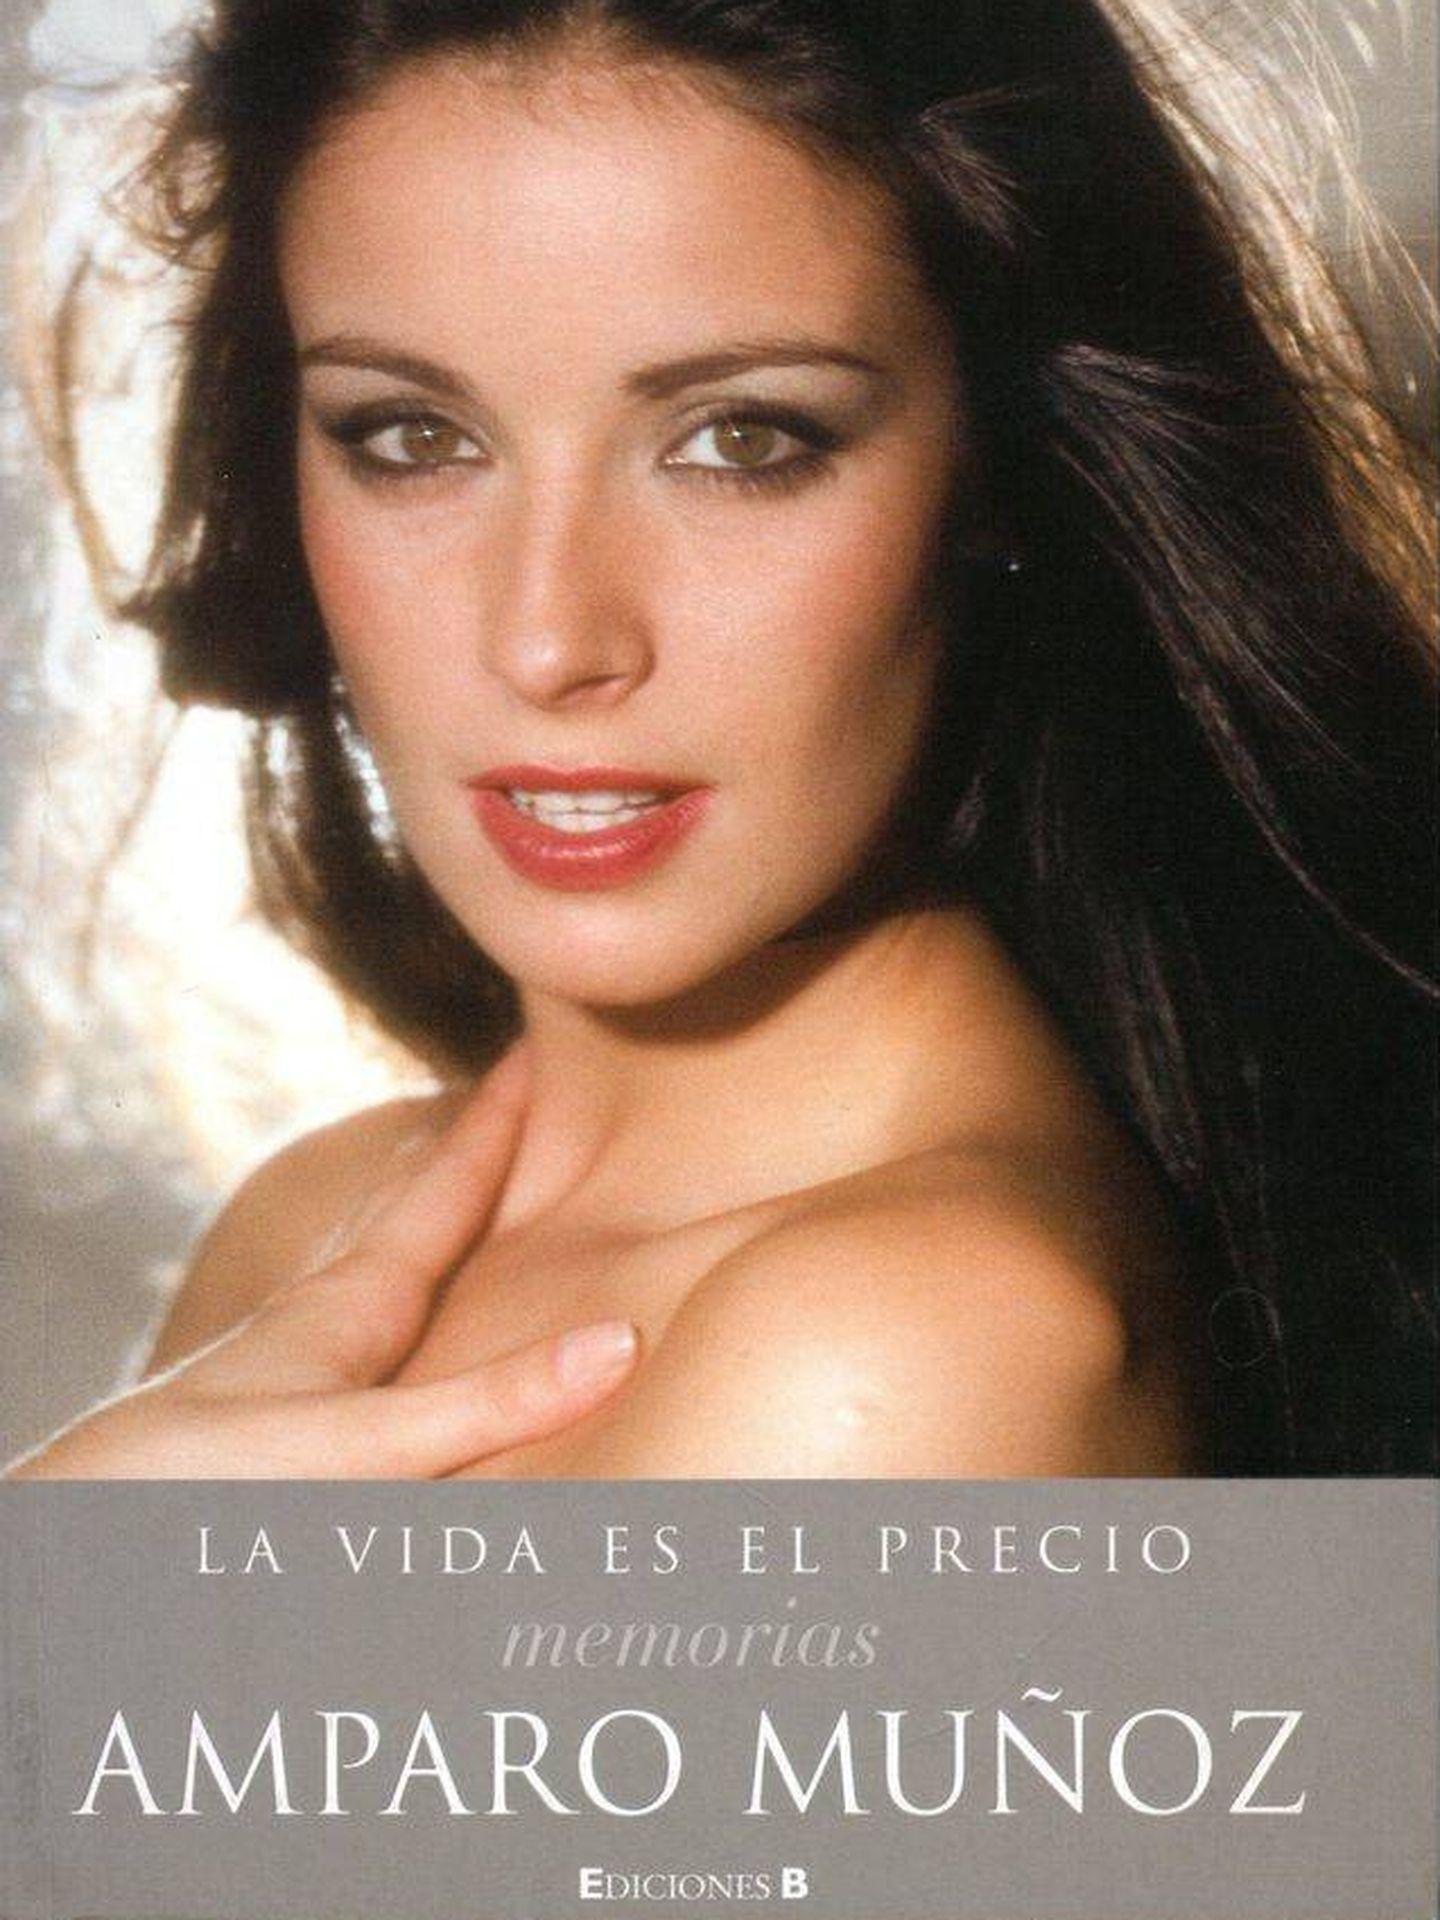 Libro 'La vida es el precio', memorias de Amparo Muñoz.